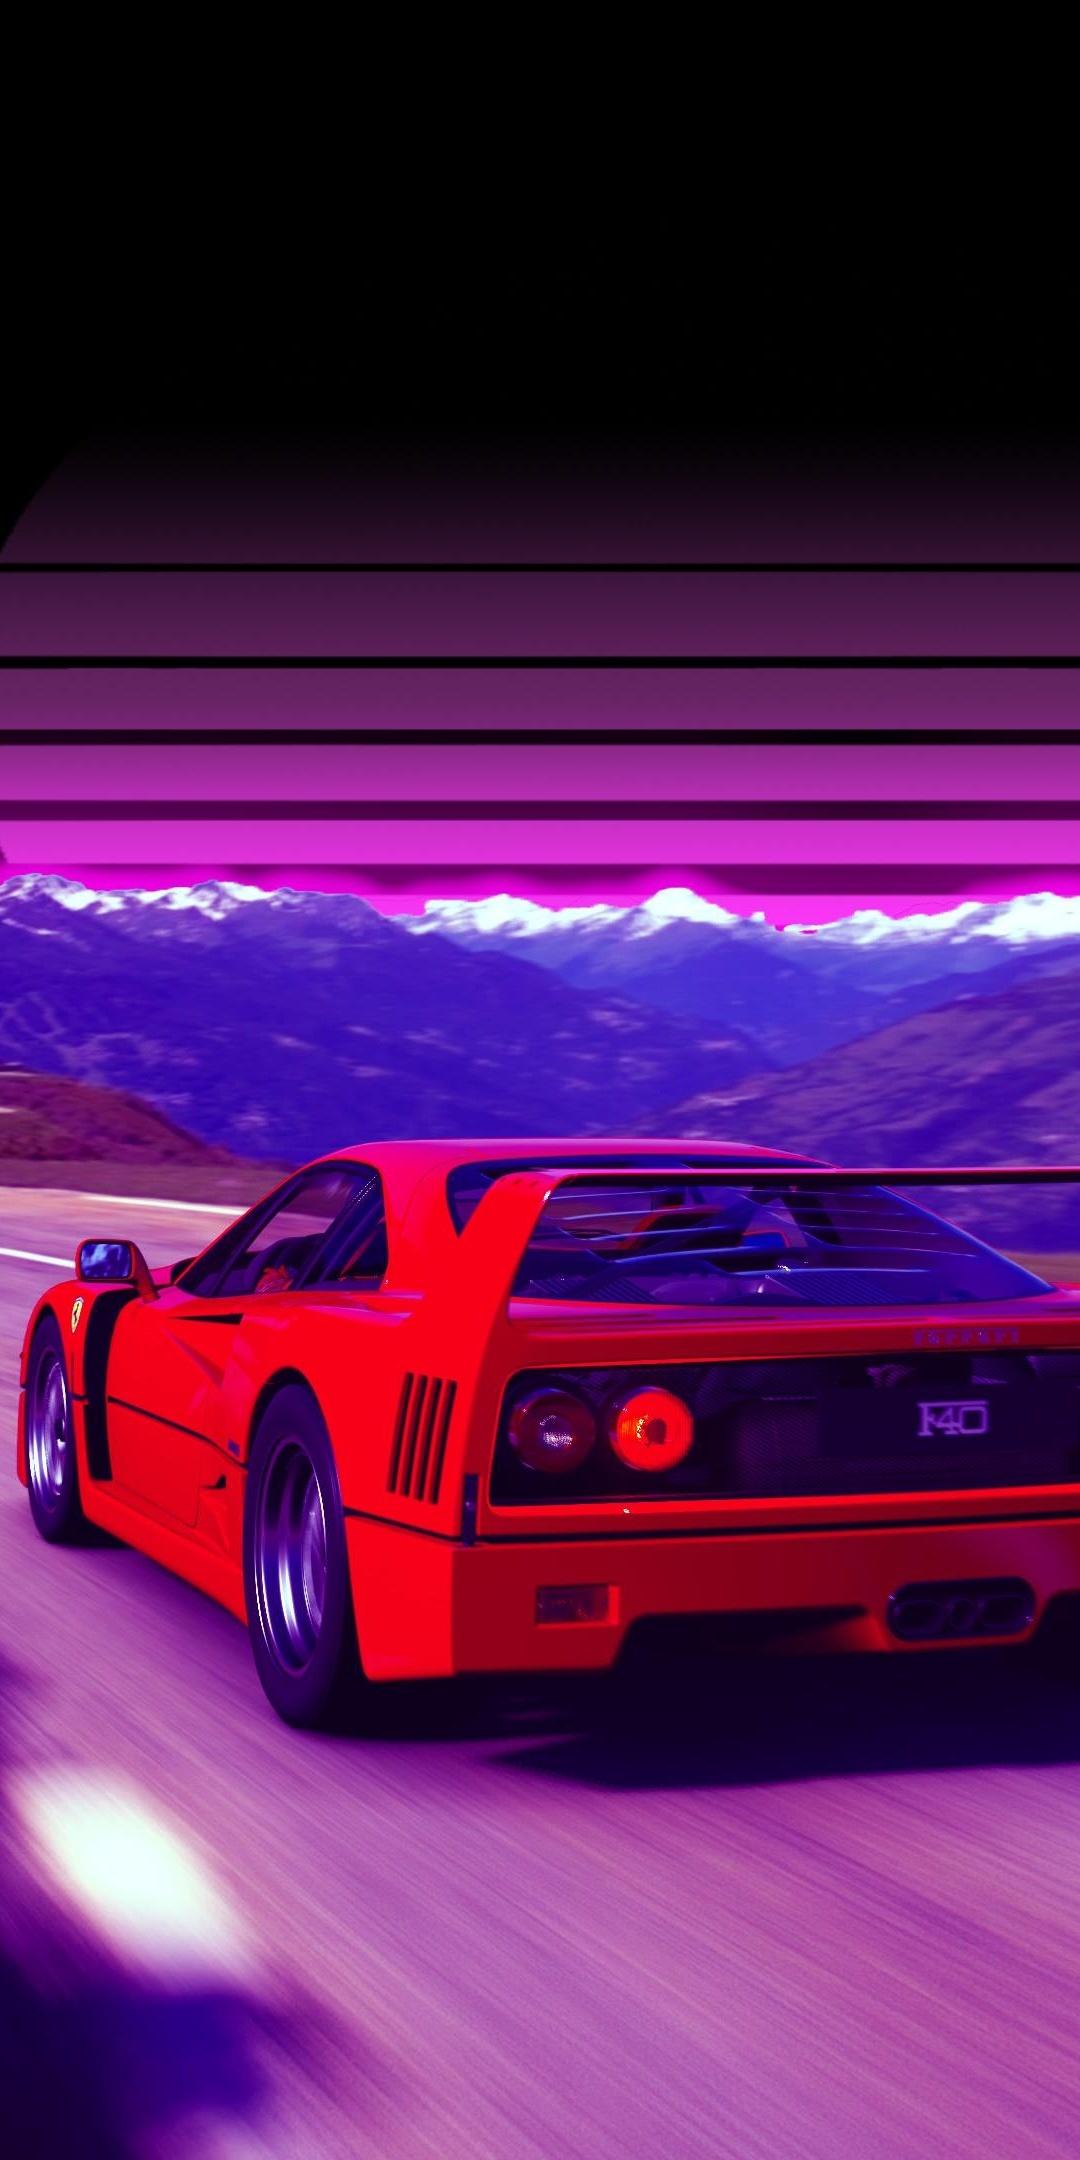 ferrari-f40-retro-road-4k-sb.jpg